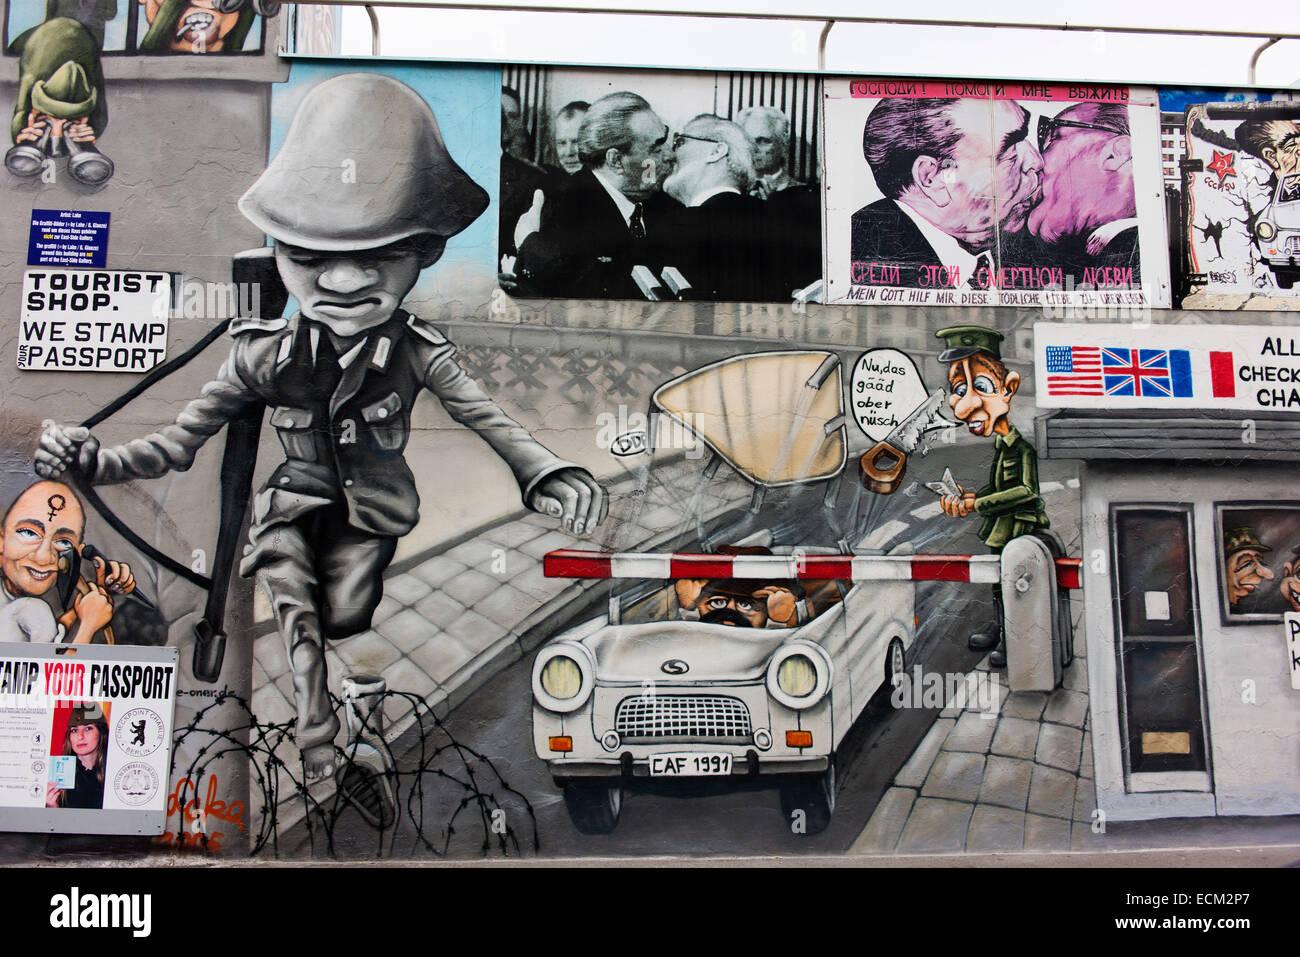 Ikonische Bilder auf einem Abschnitt der Berliner Mauer als die East Side Gallery bekannt. Stockbild